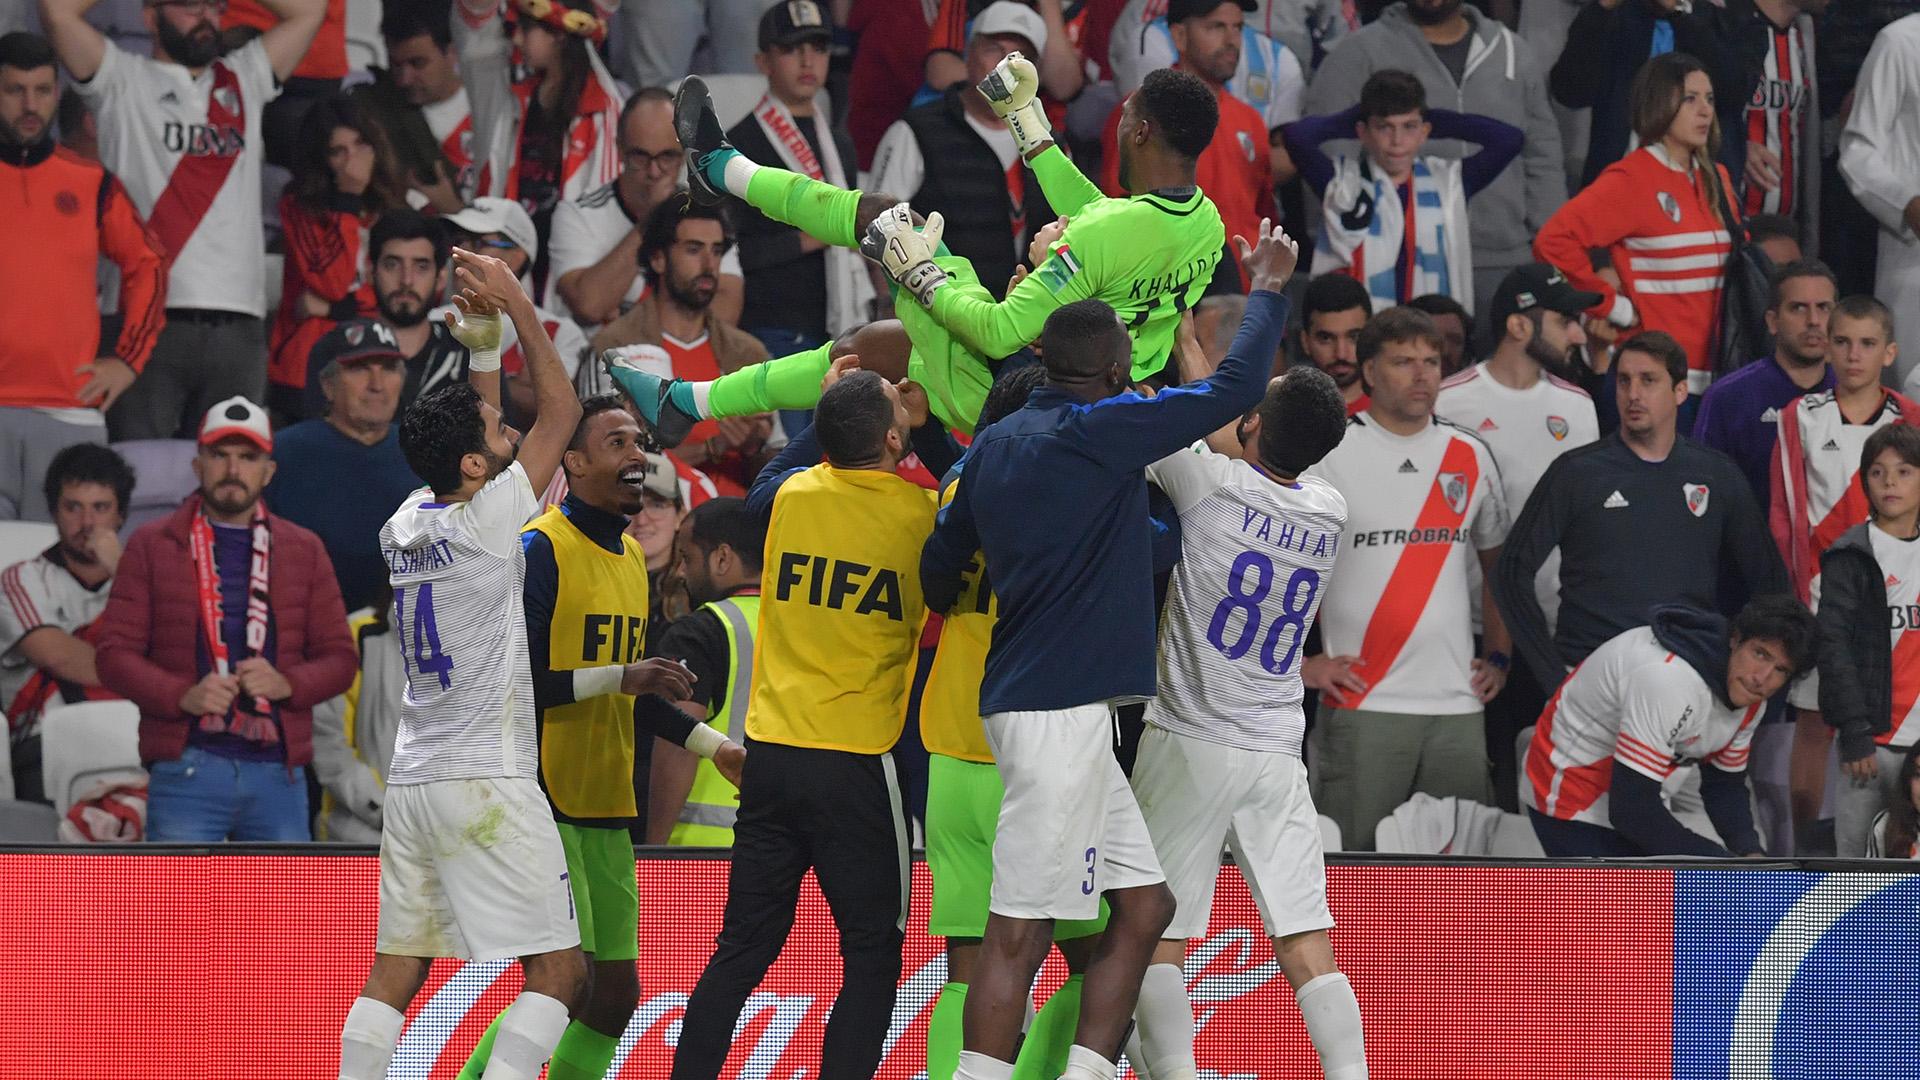 Al Ain llegó a la definición por penales con 330 minutos en las piernas y no los sintió